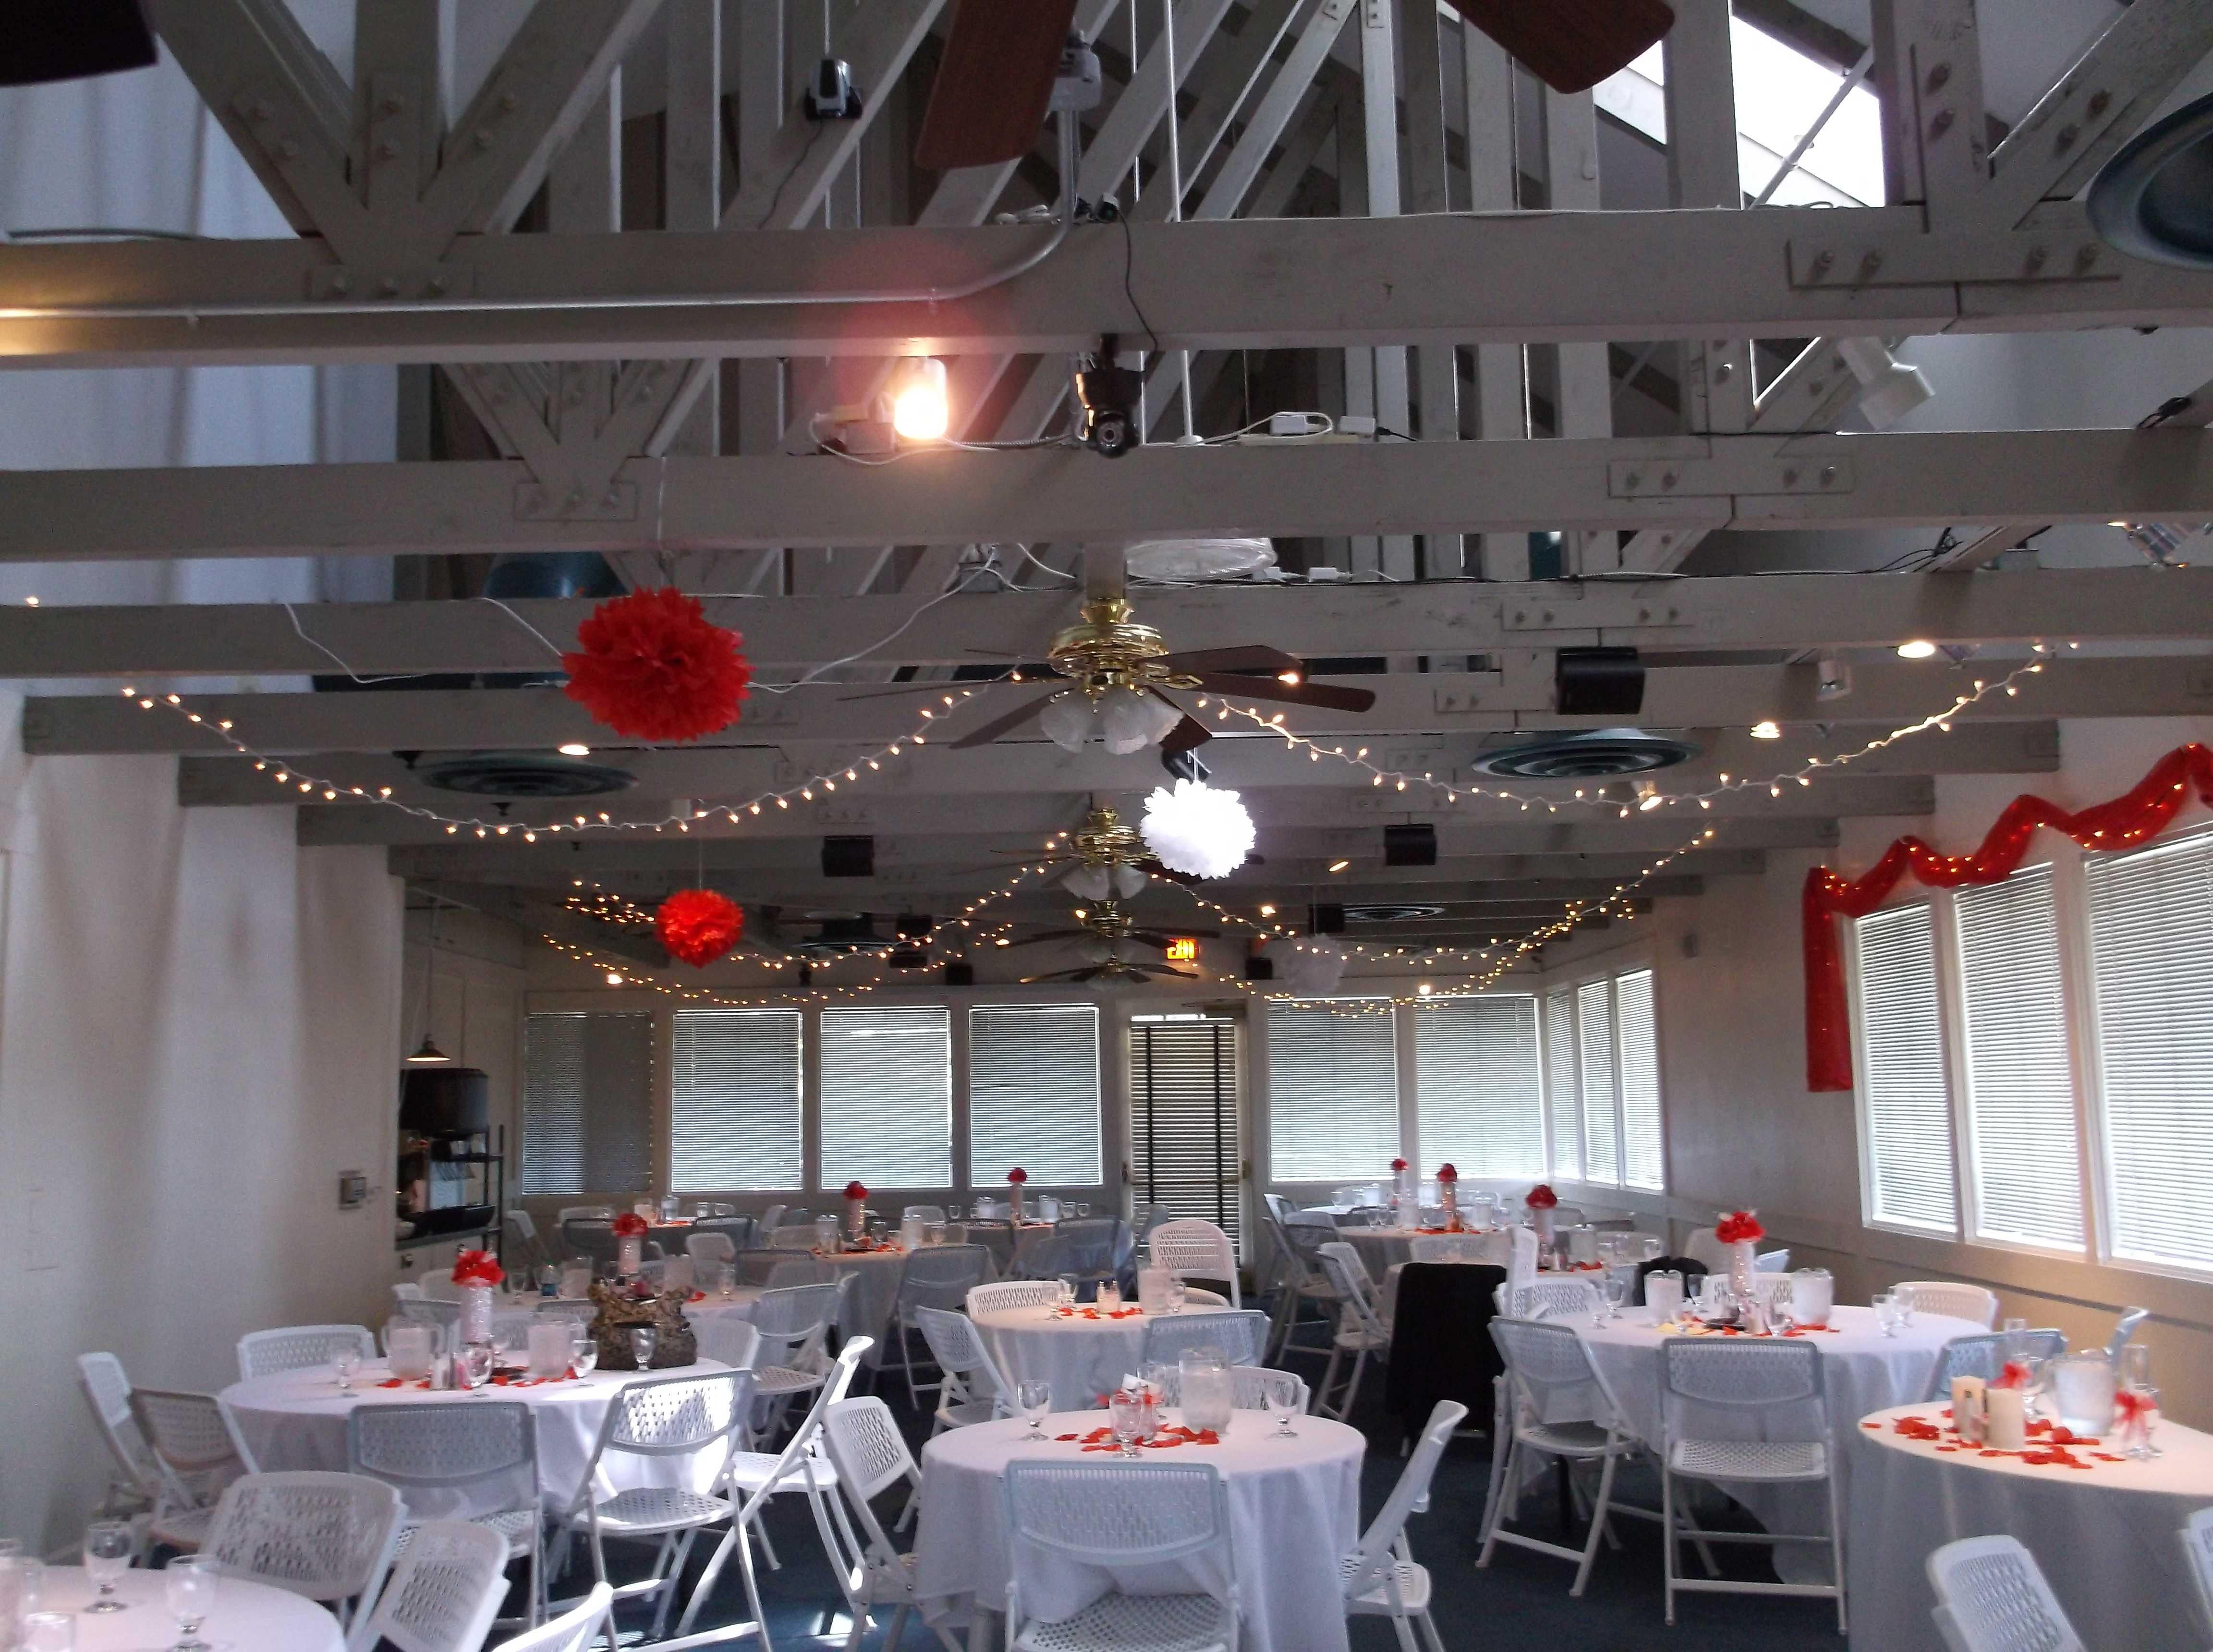 Chez Shari Banquet Facility image 37